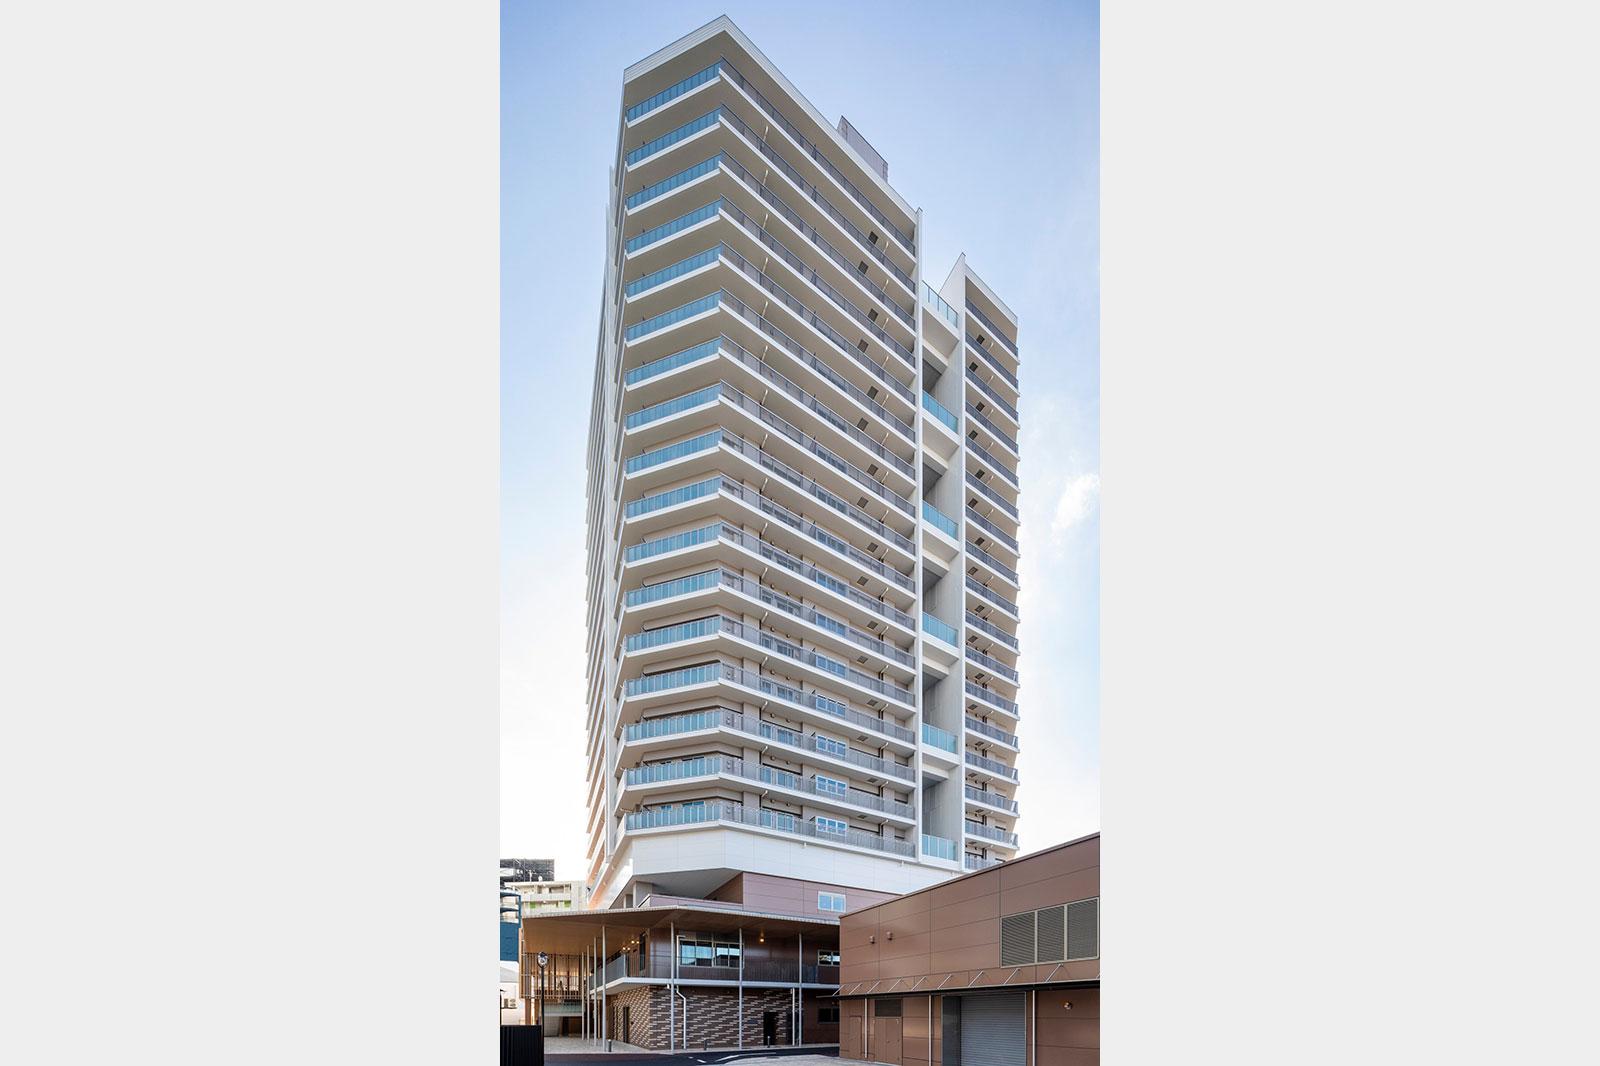 都営住宅28CS-101東(港区北青山三丁目・港区施設)